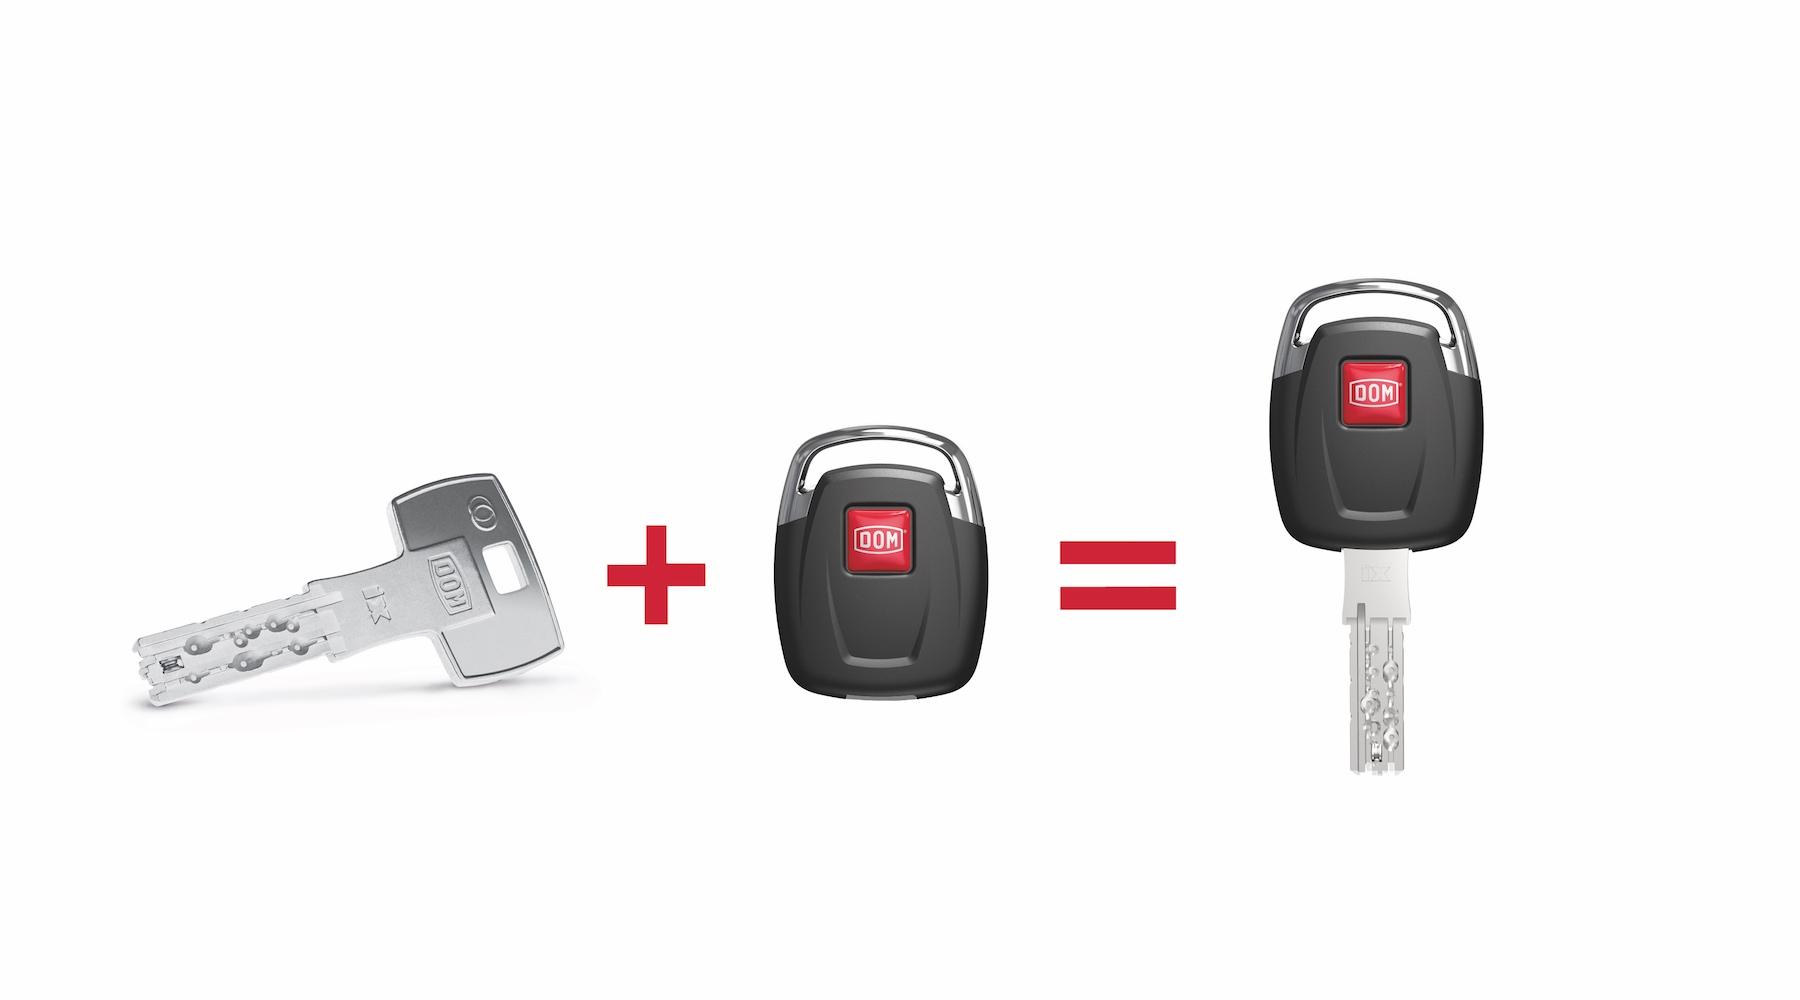 DOM ClipTag plus Key